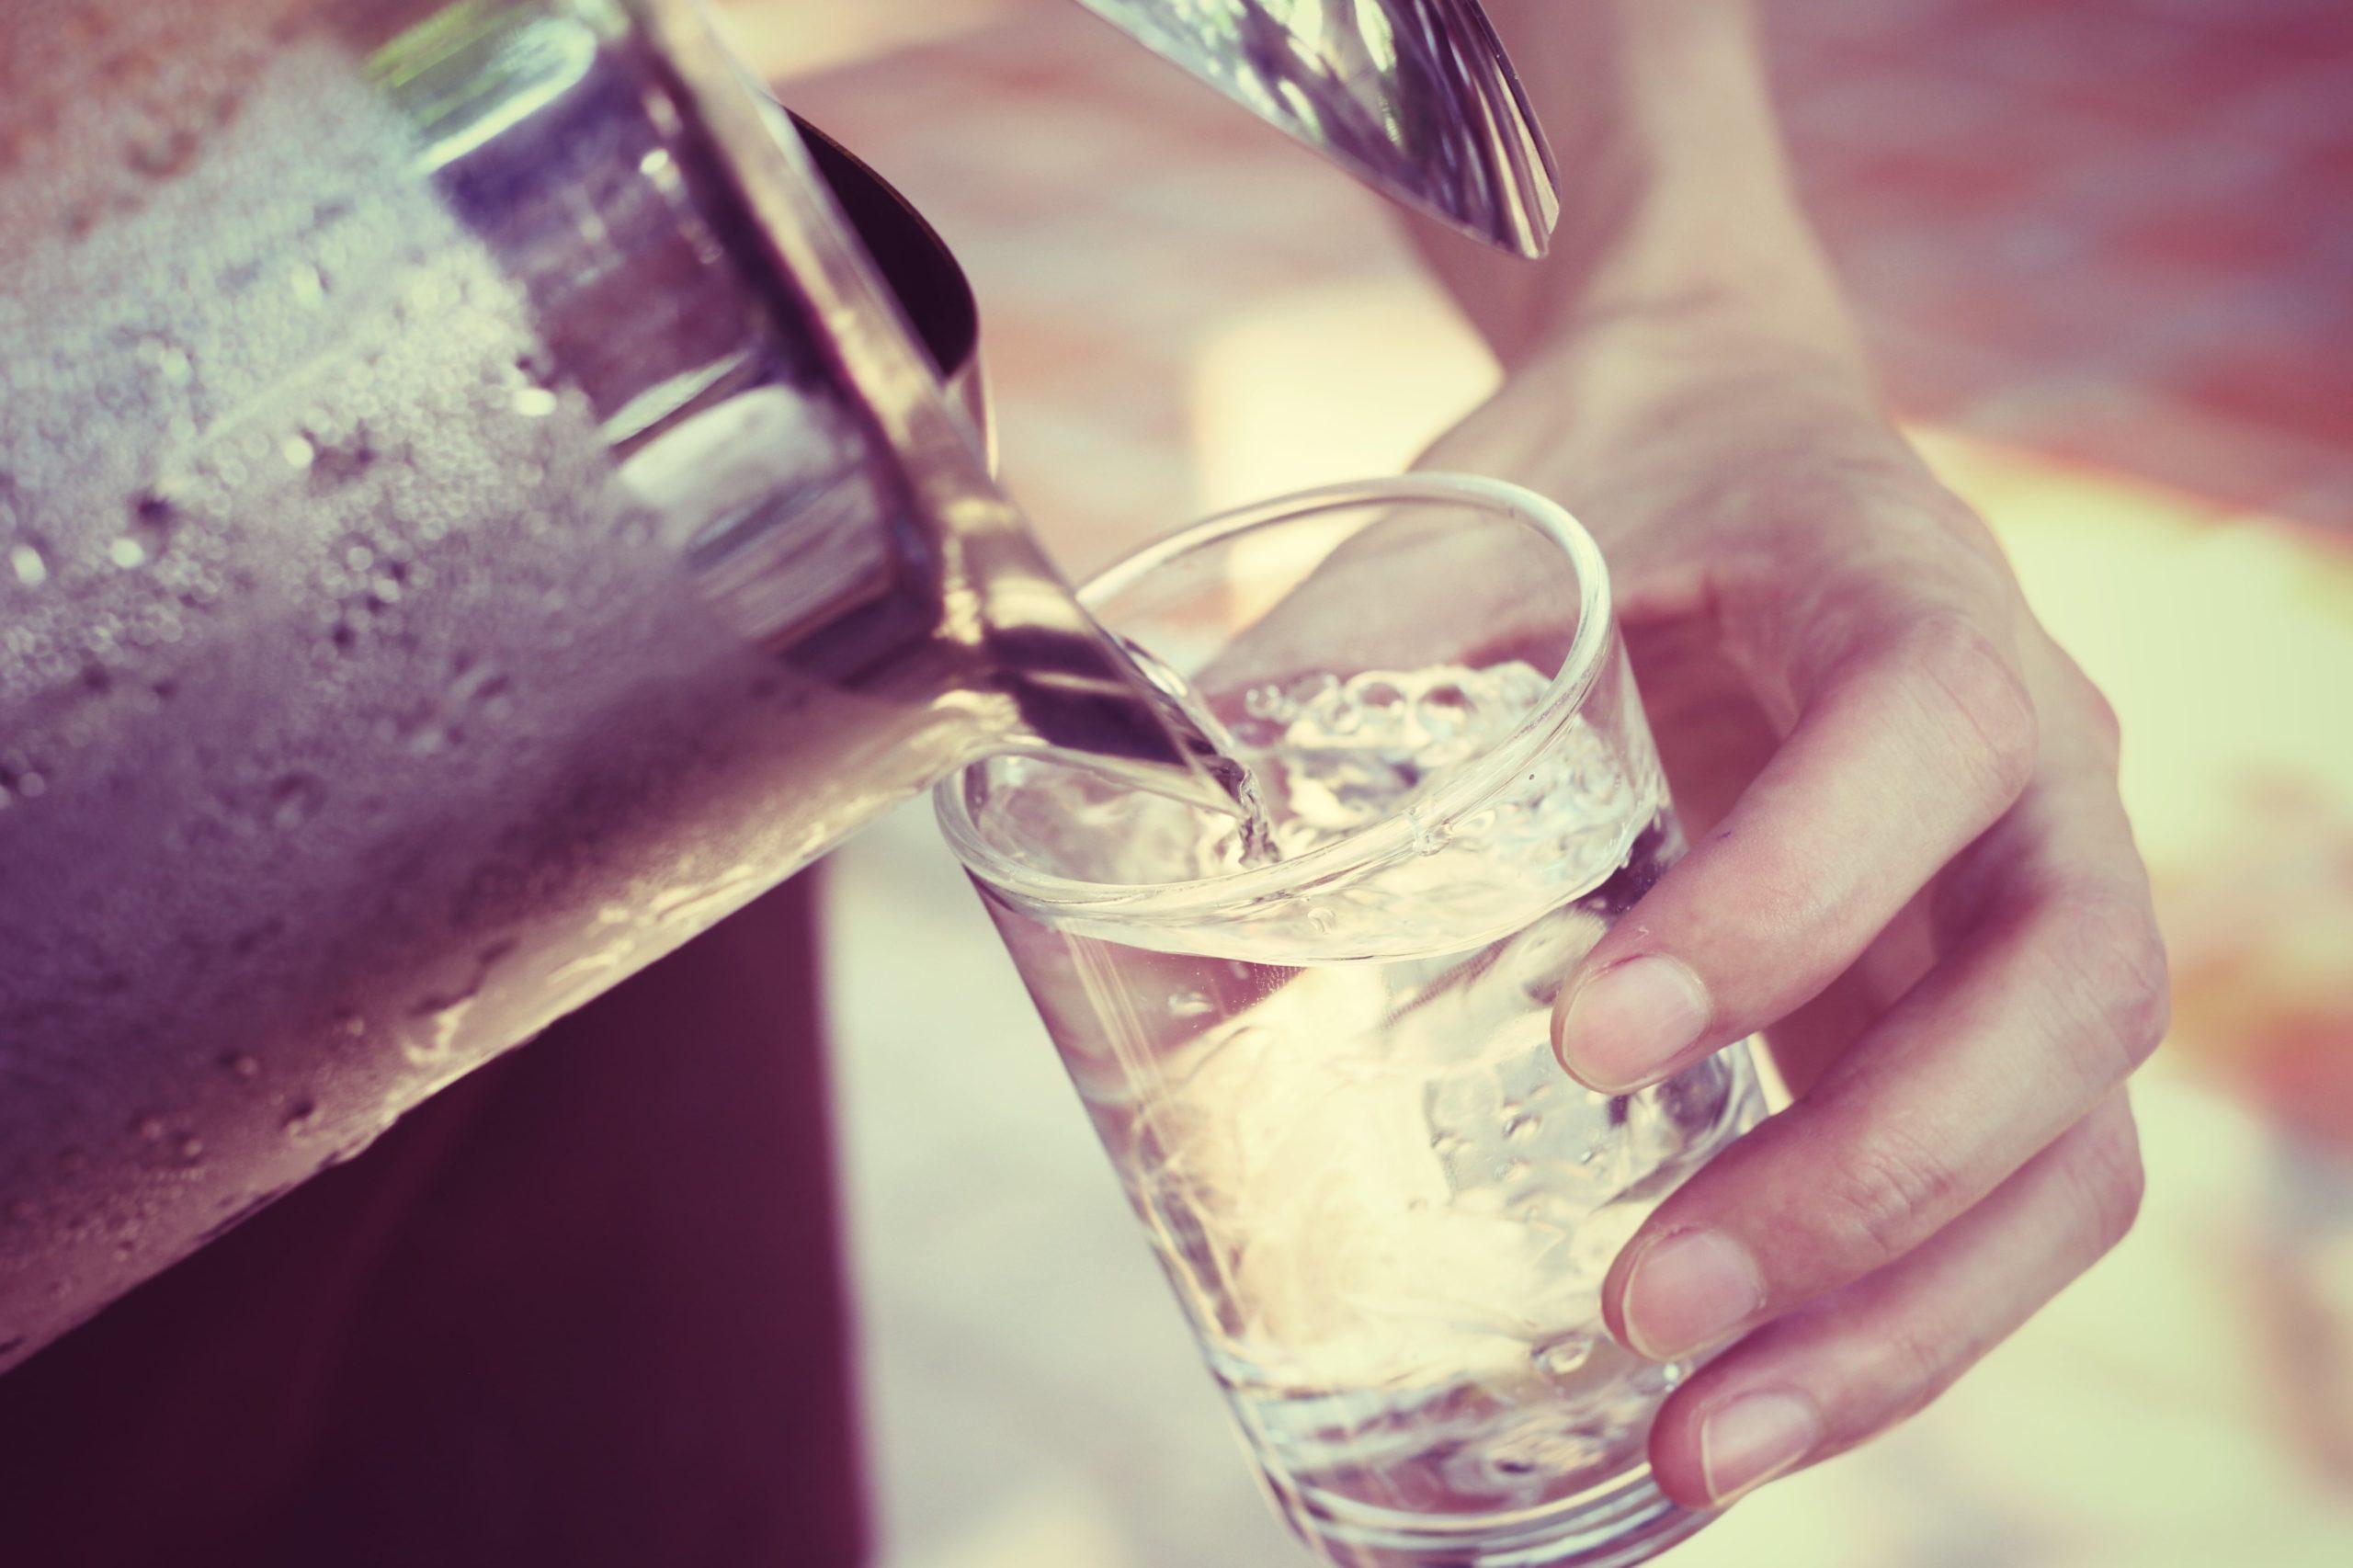 Come produrre acqua potabile dall'acqua, la novità dal CES2020